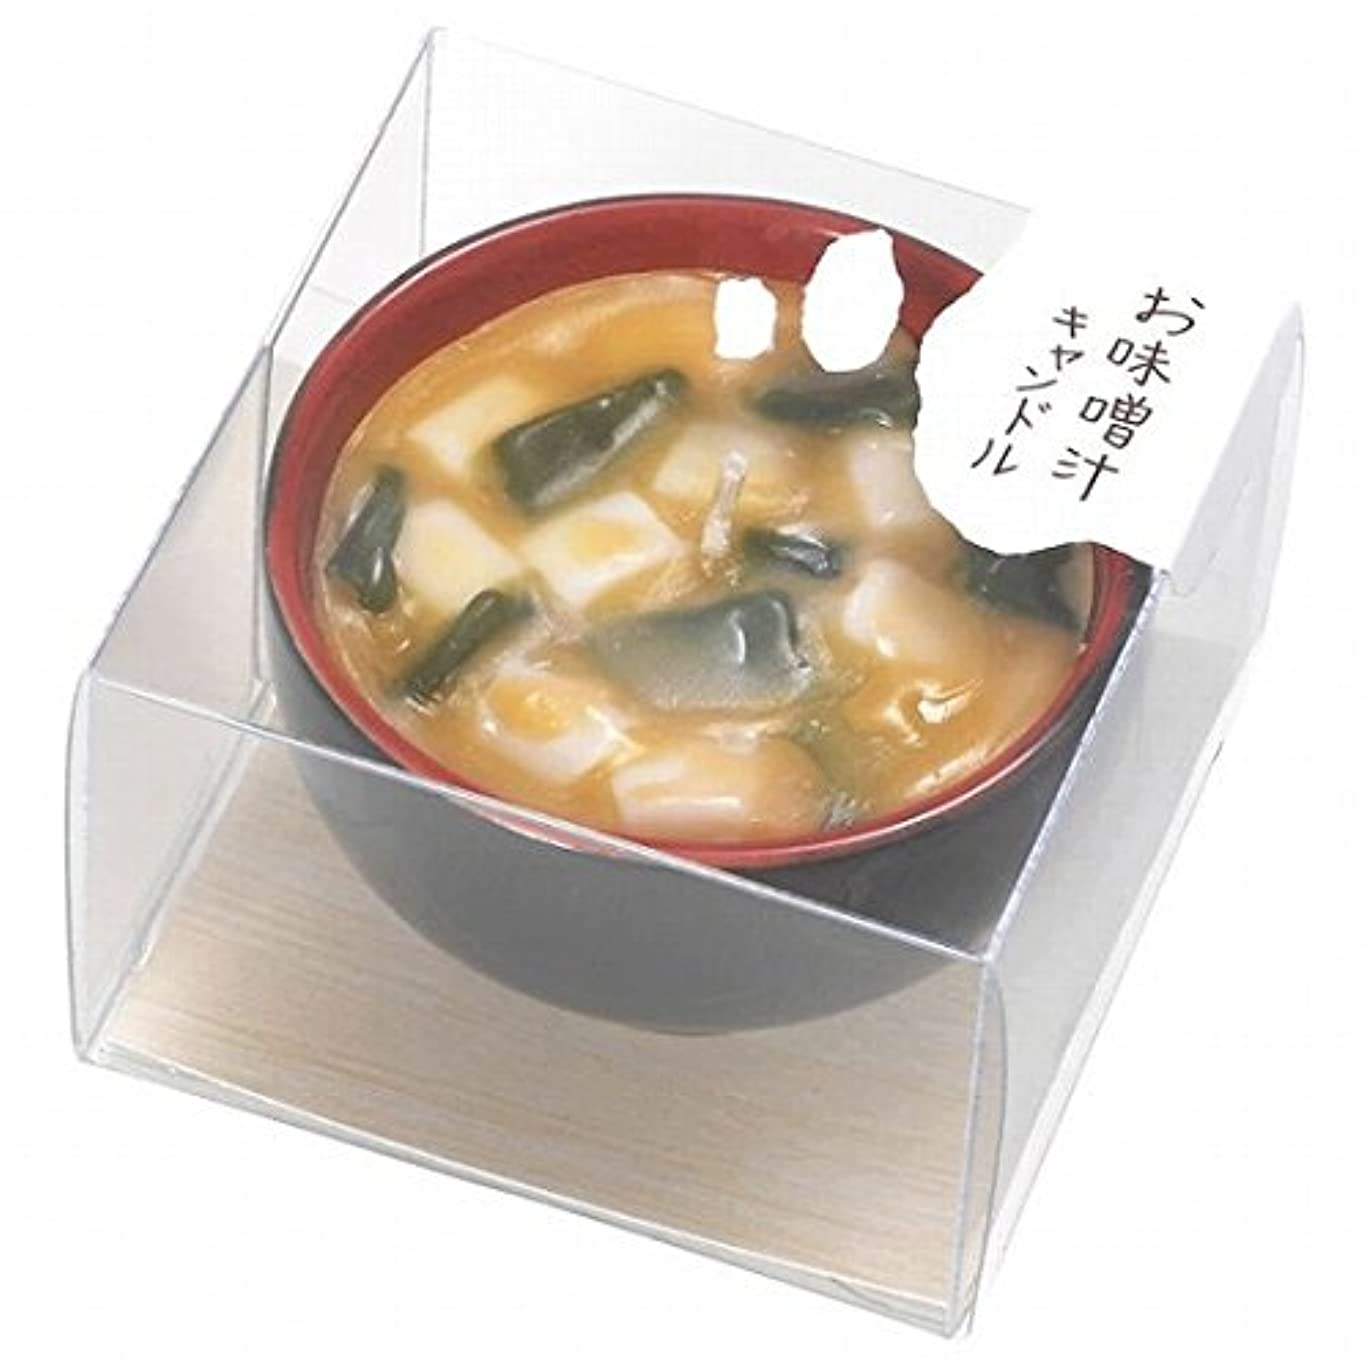 写真を撮る資本主義倍率カメヤマキャンドル(kameyama candle) お味噌汁キャンドル